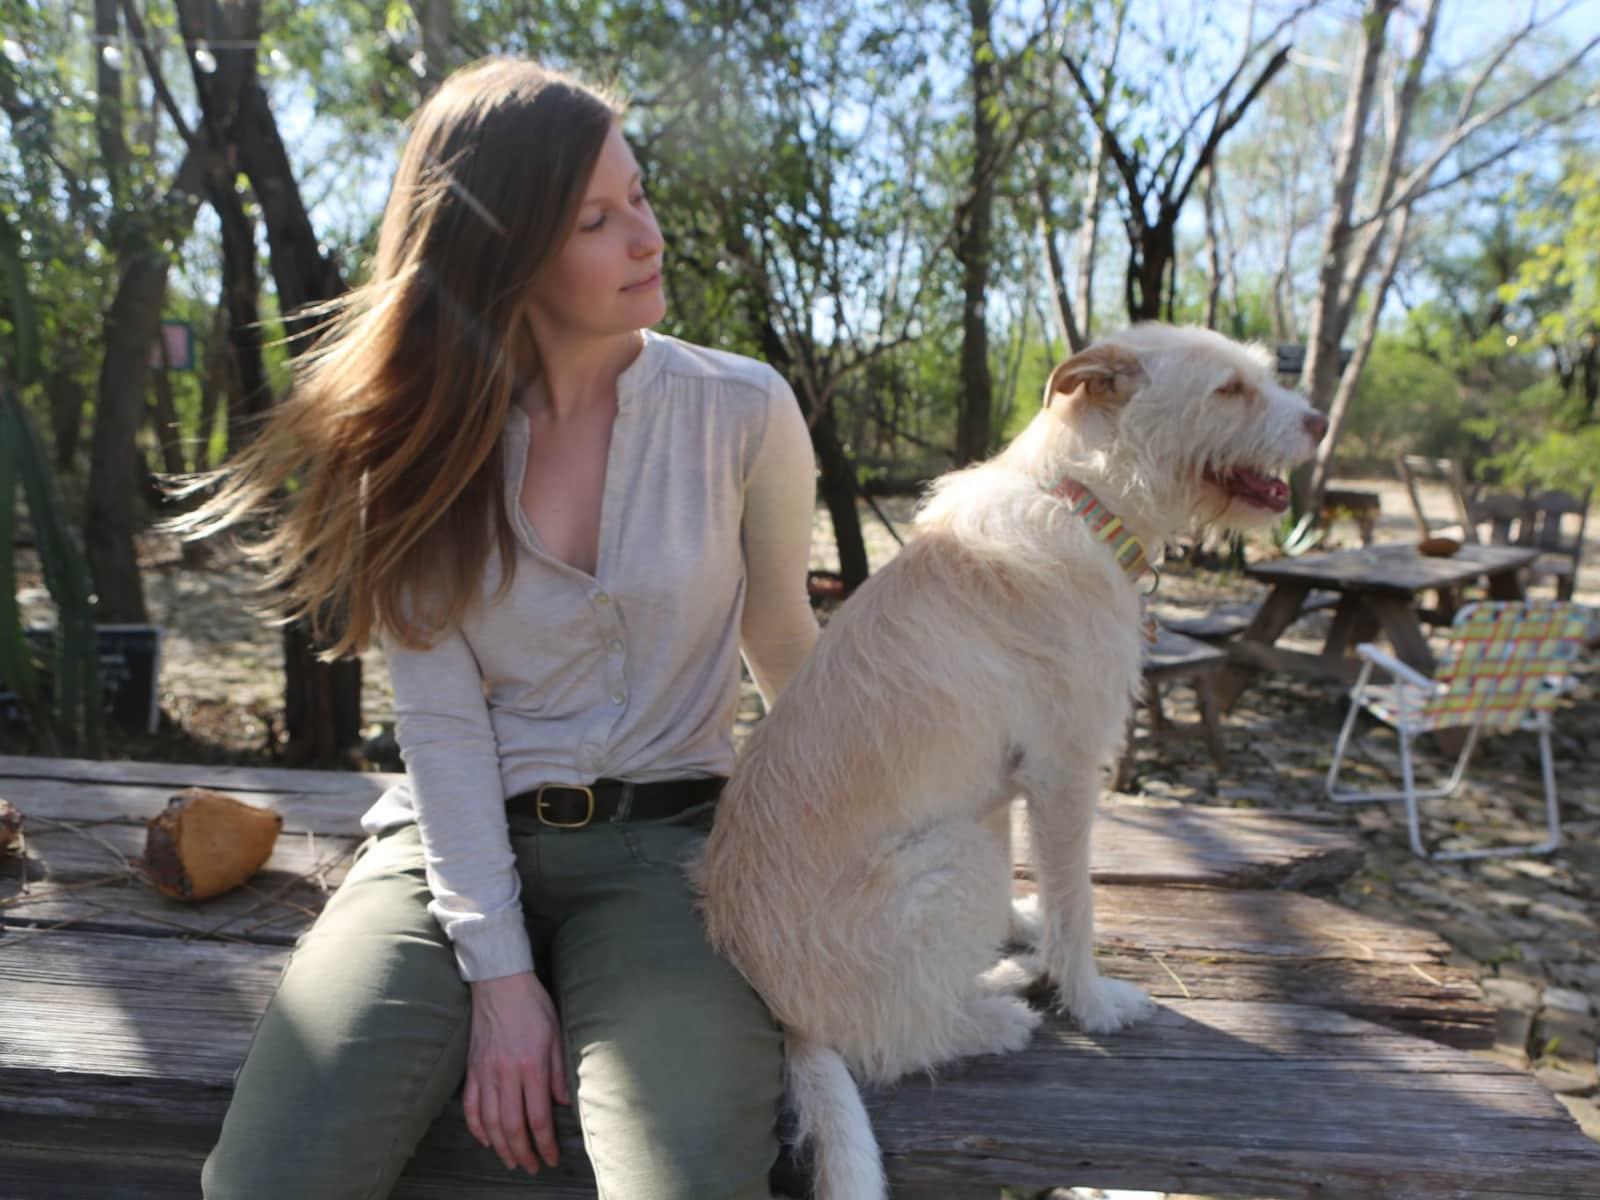 Kate from San Antonio, Texas, United States